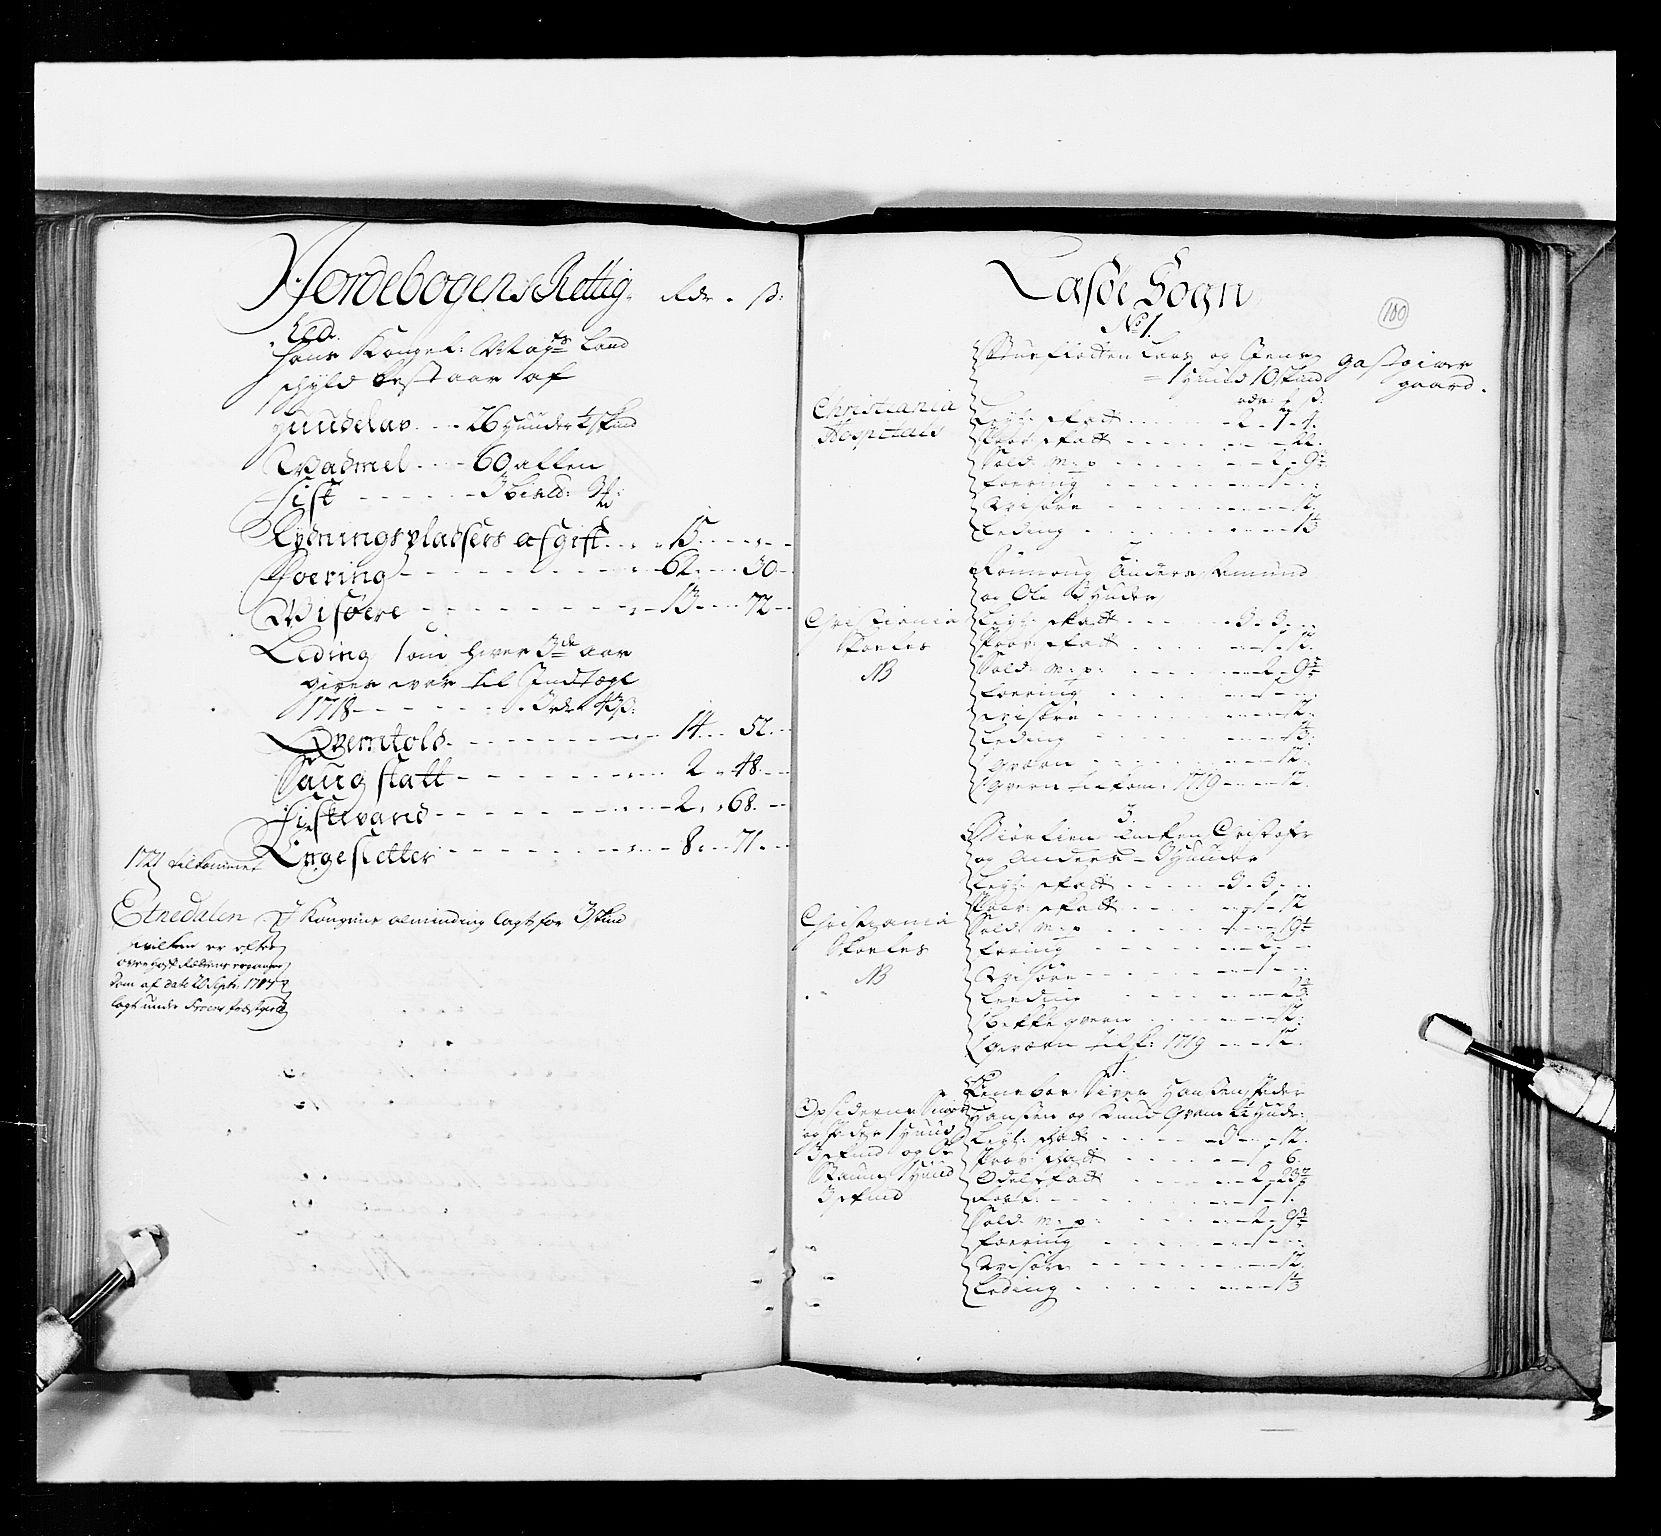 RA, Stattholderembetet 1572-1771, Ek/L0036: Jordebøker 1662-1720:, 1719, s. 99b-100a